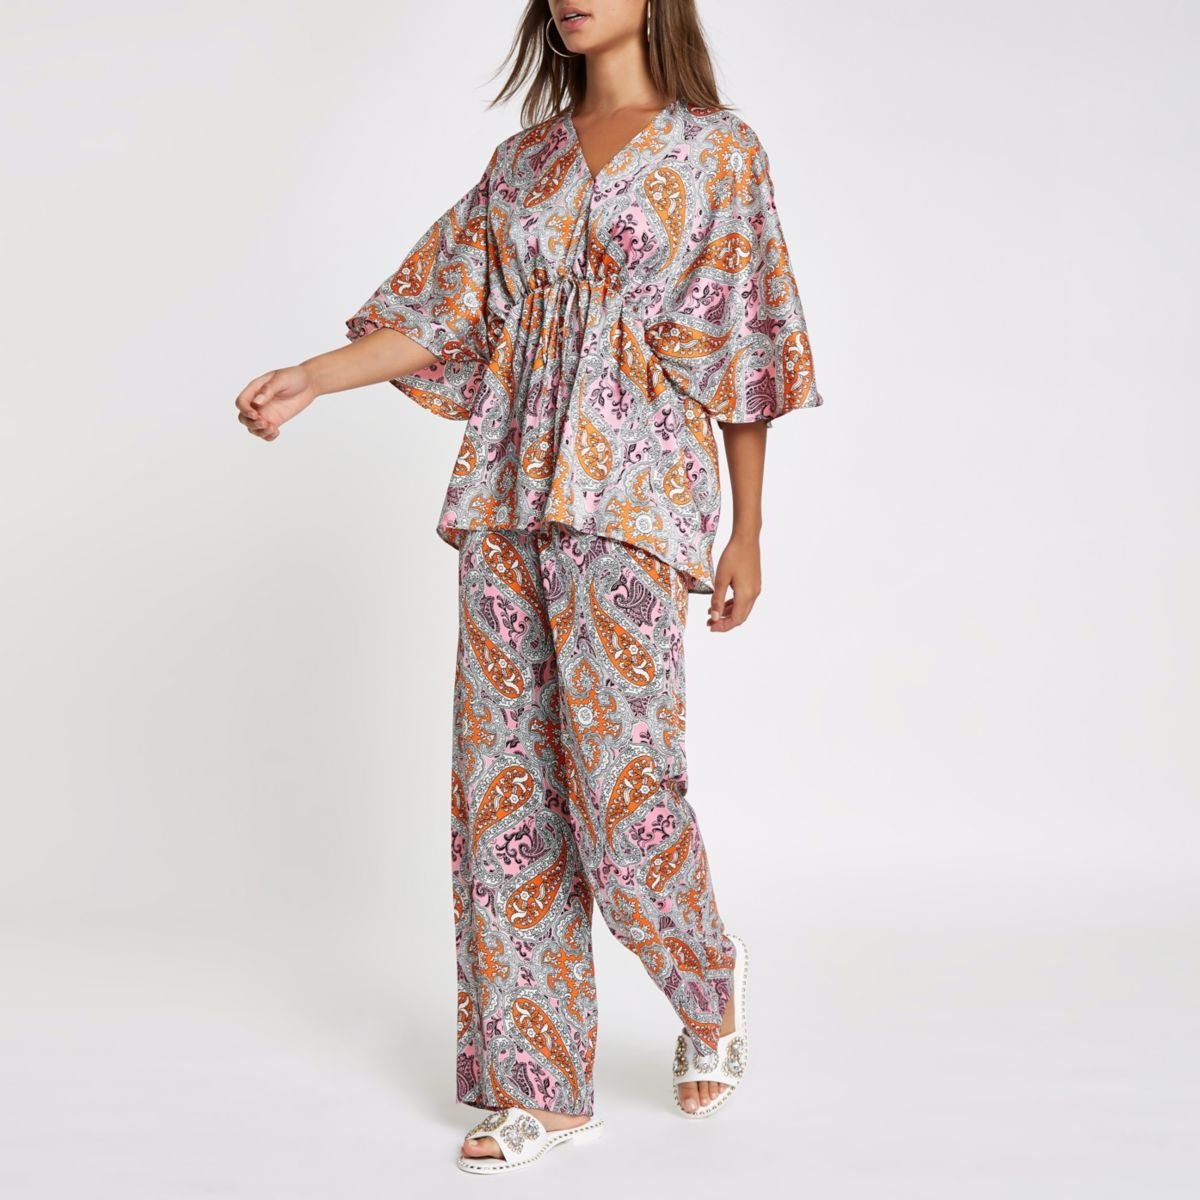 Pink paisley print kimono sleeve top